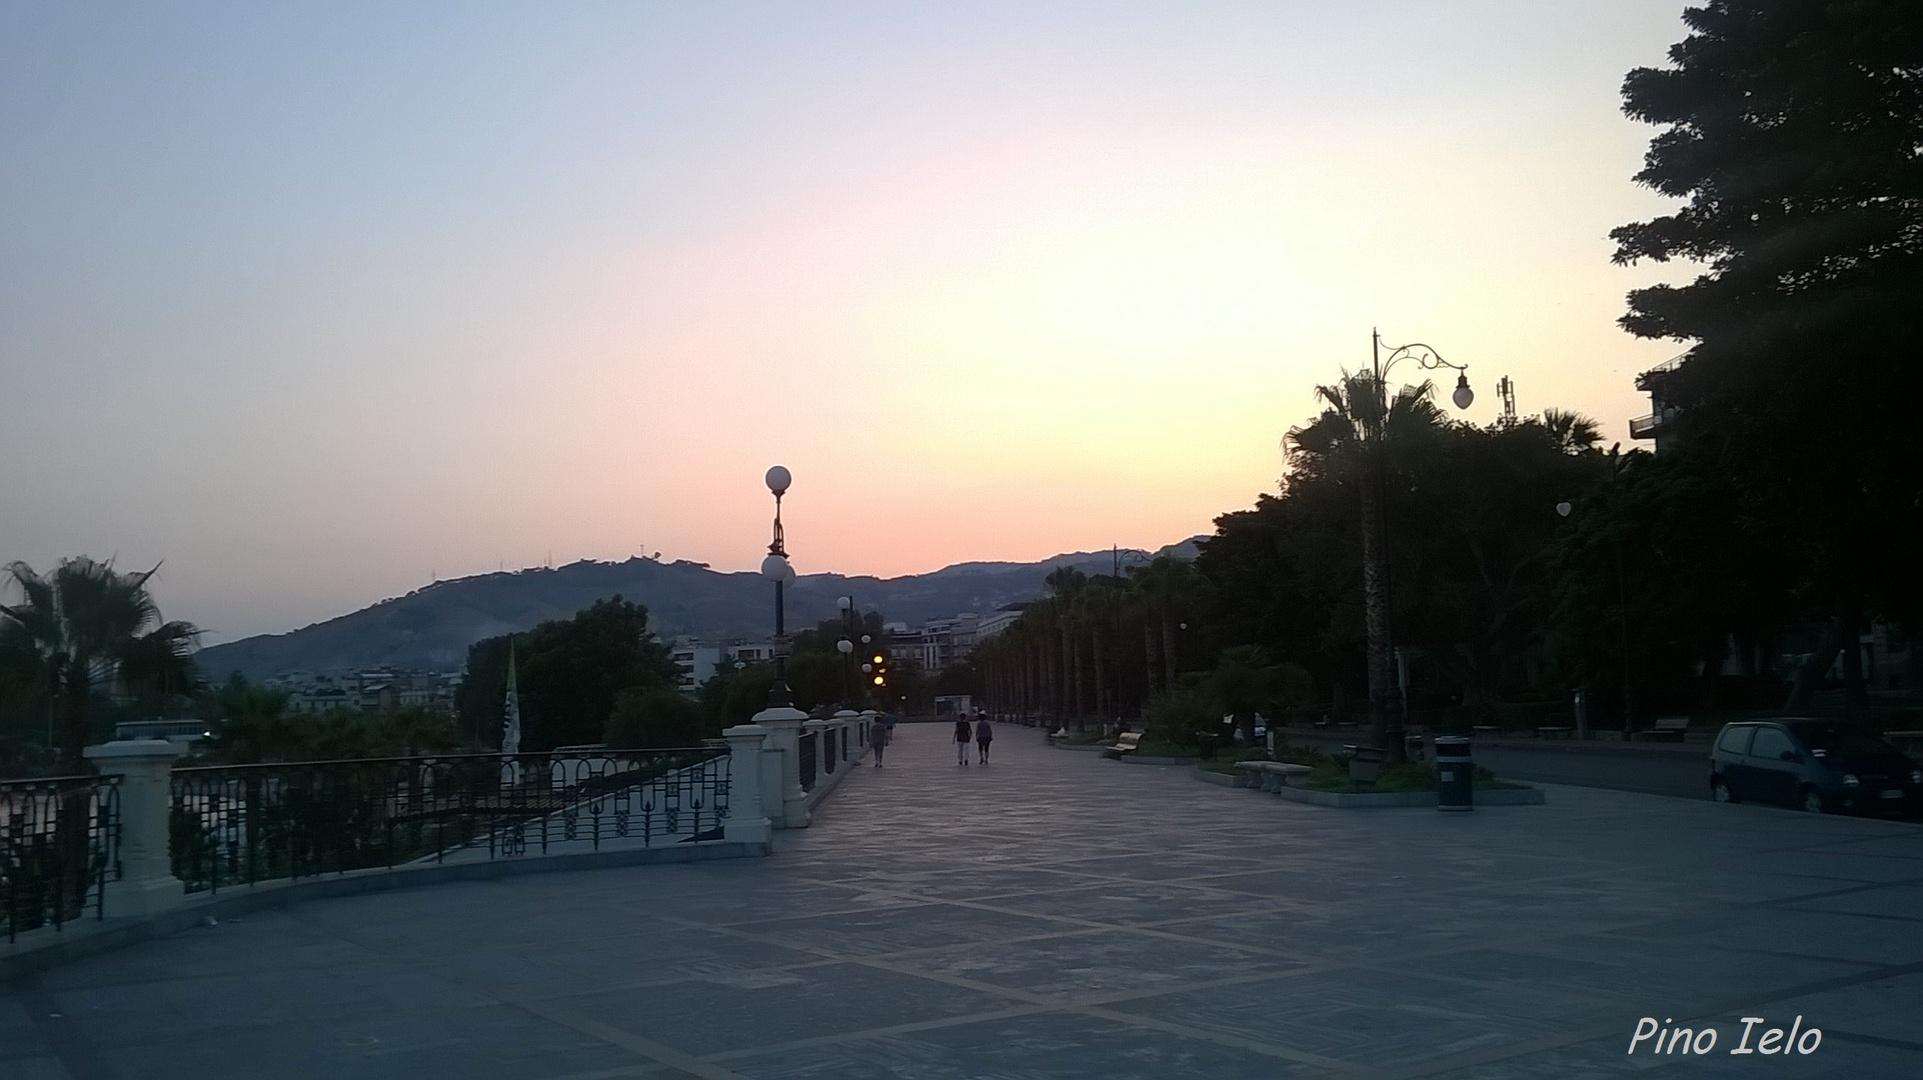 Aspettando Lalba Sul Lungomare Di Reggio Calabria Foto Immagini